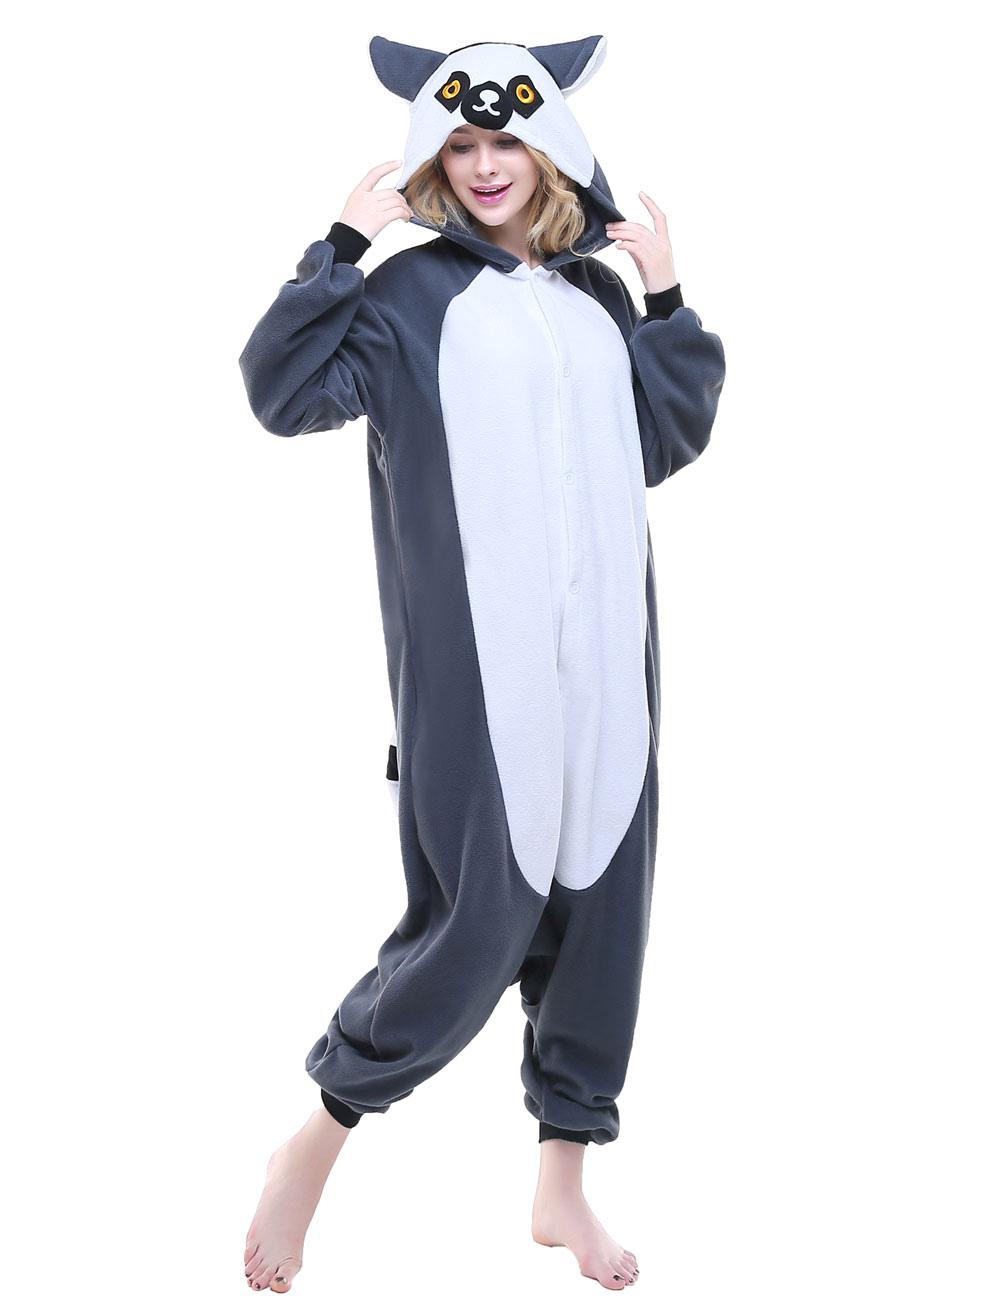 7f03566907 Kigurumi Pajama Lemur Onesie Flannel Adults Unisex Animal Sleepwear Costume  Halloween - Milanoo.com